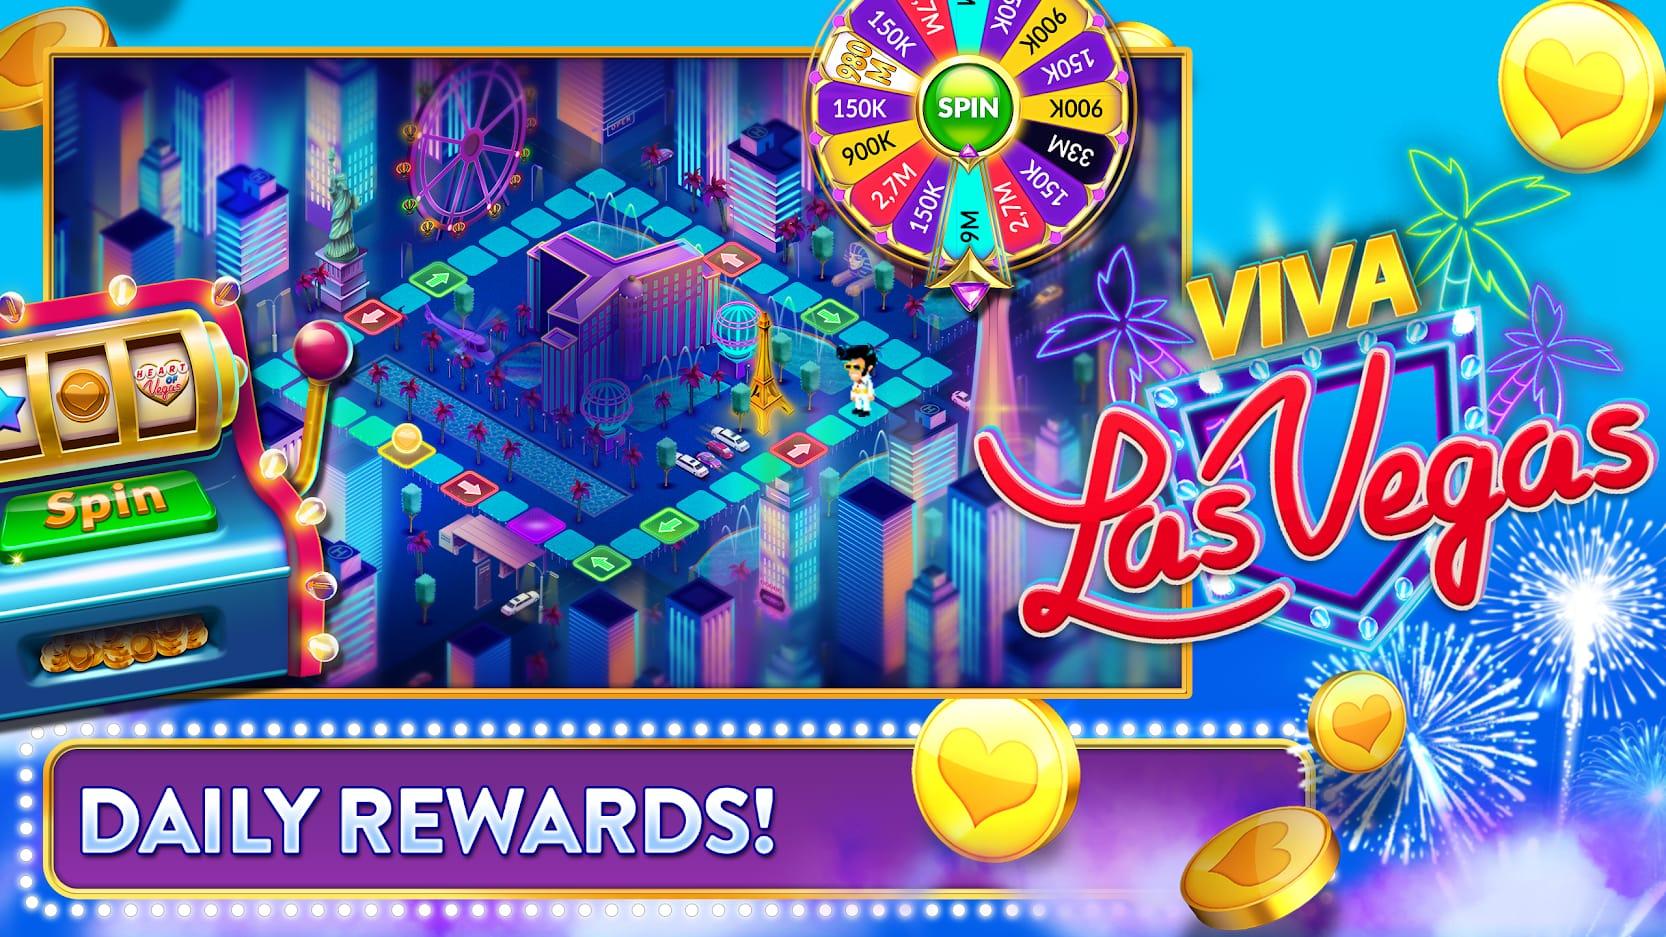 Heart of vegas games facebook